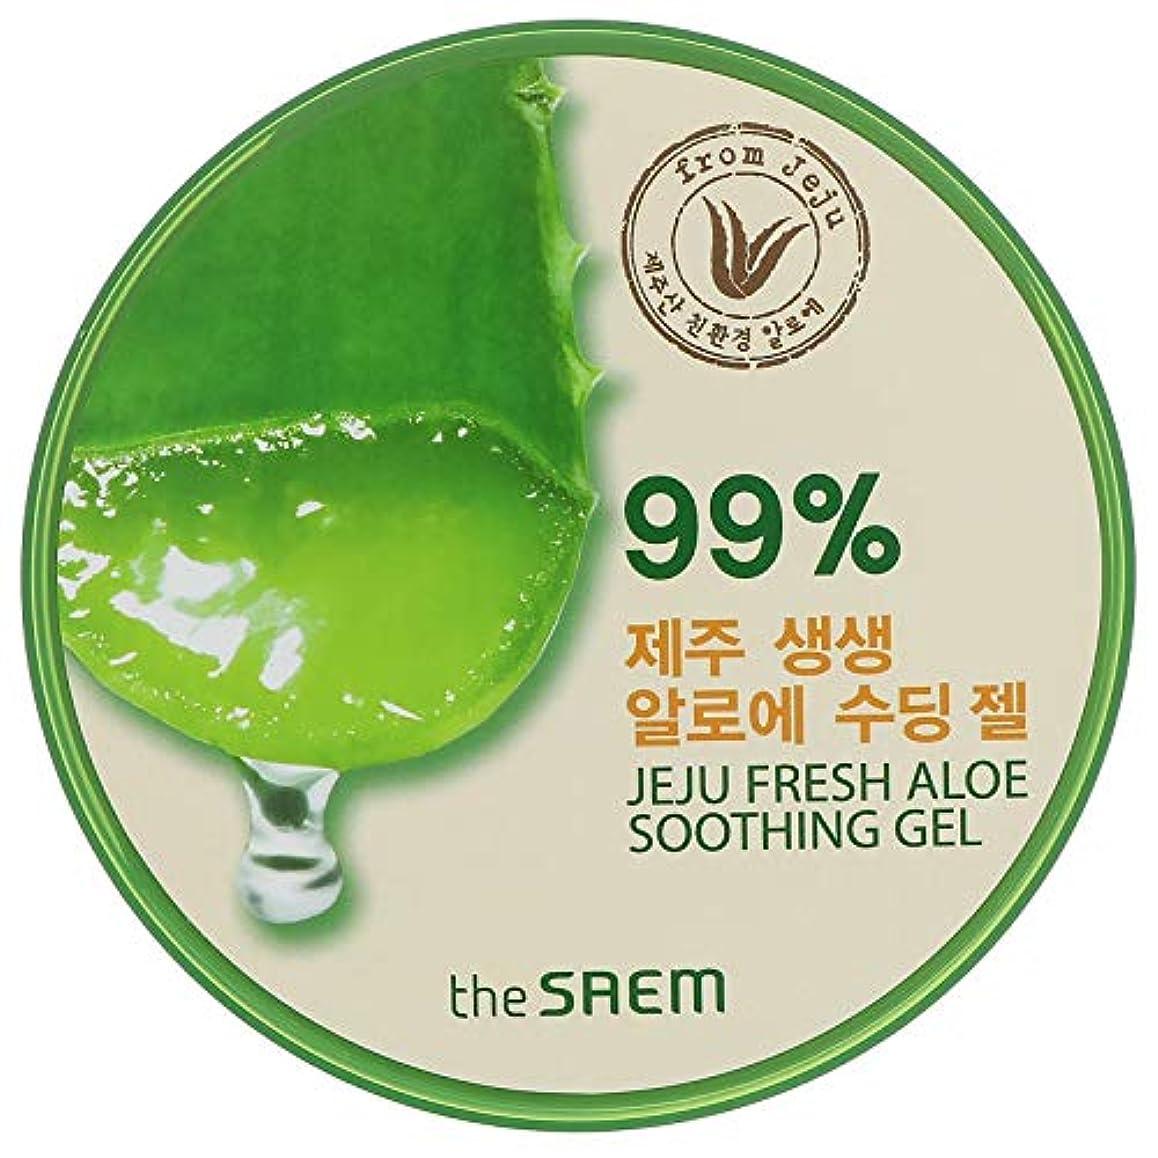 墓フェザー去る即日発送 【国内発送】ザセム アロエスーディングジェル99% 頭からつま先までしっとり The SAEM Jeju Fresh ALOE Soothing Gel 99%